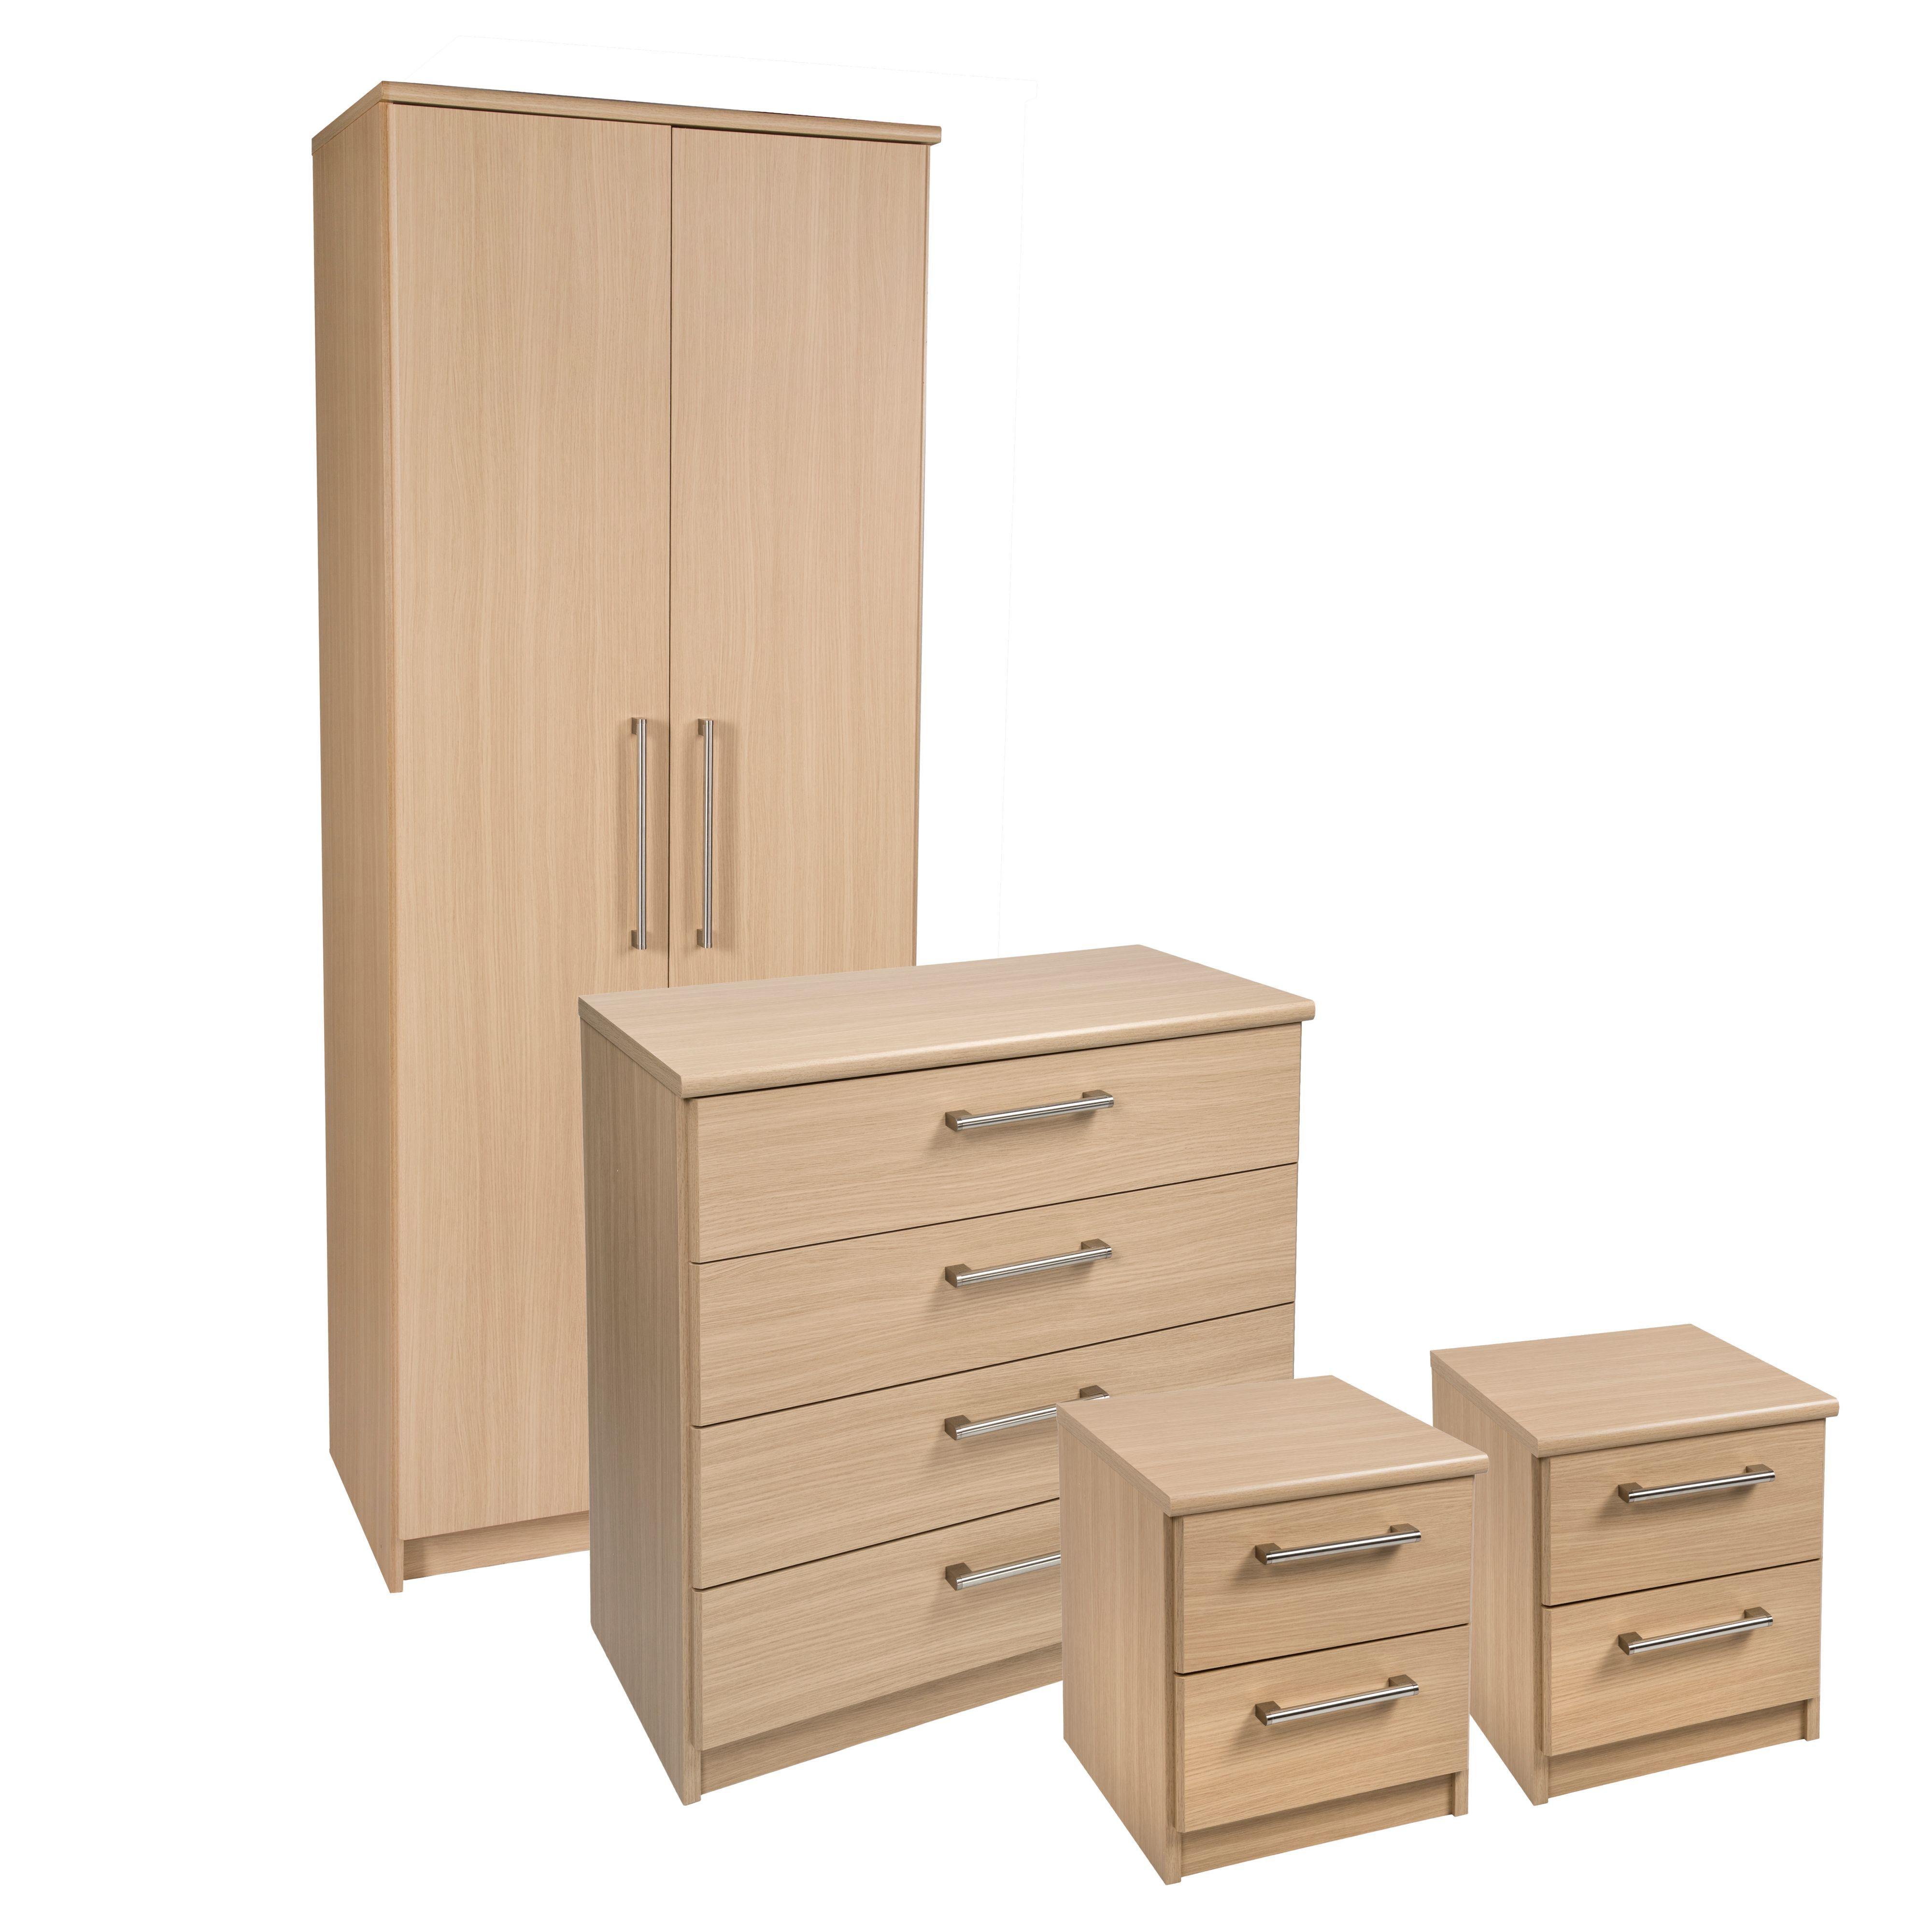 Elsey Oak Effect 4 Piece Bedroom Furniture Set. Kendal Oak Effect 4 Piece Bedroom Furniture Set   Departments